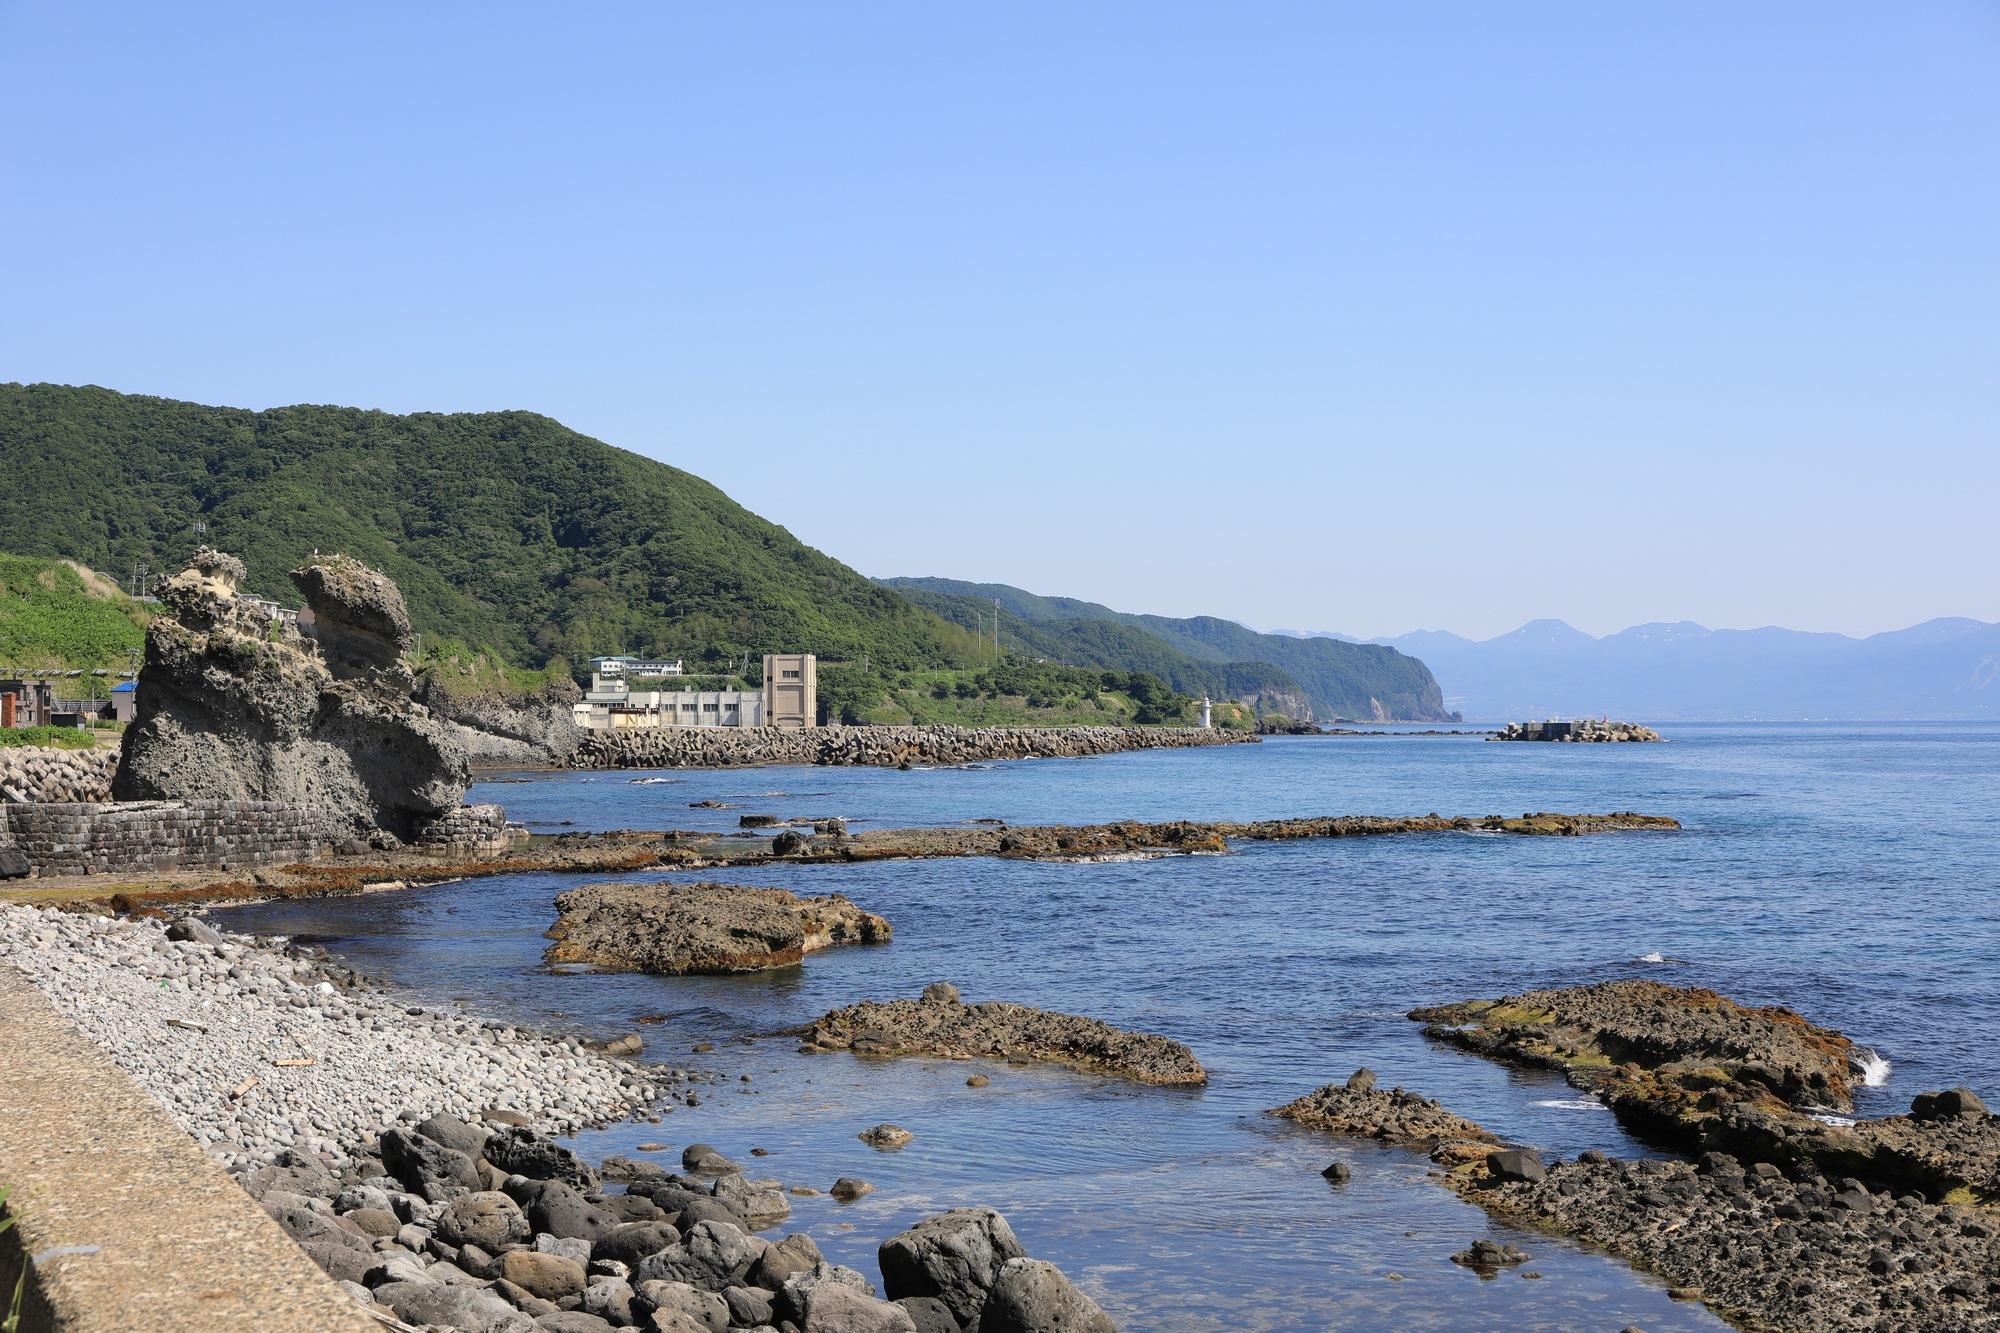 某所から見る神恵内村の海岸線